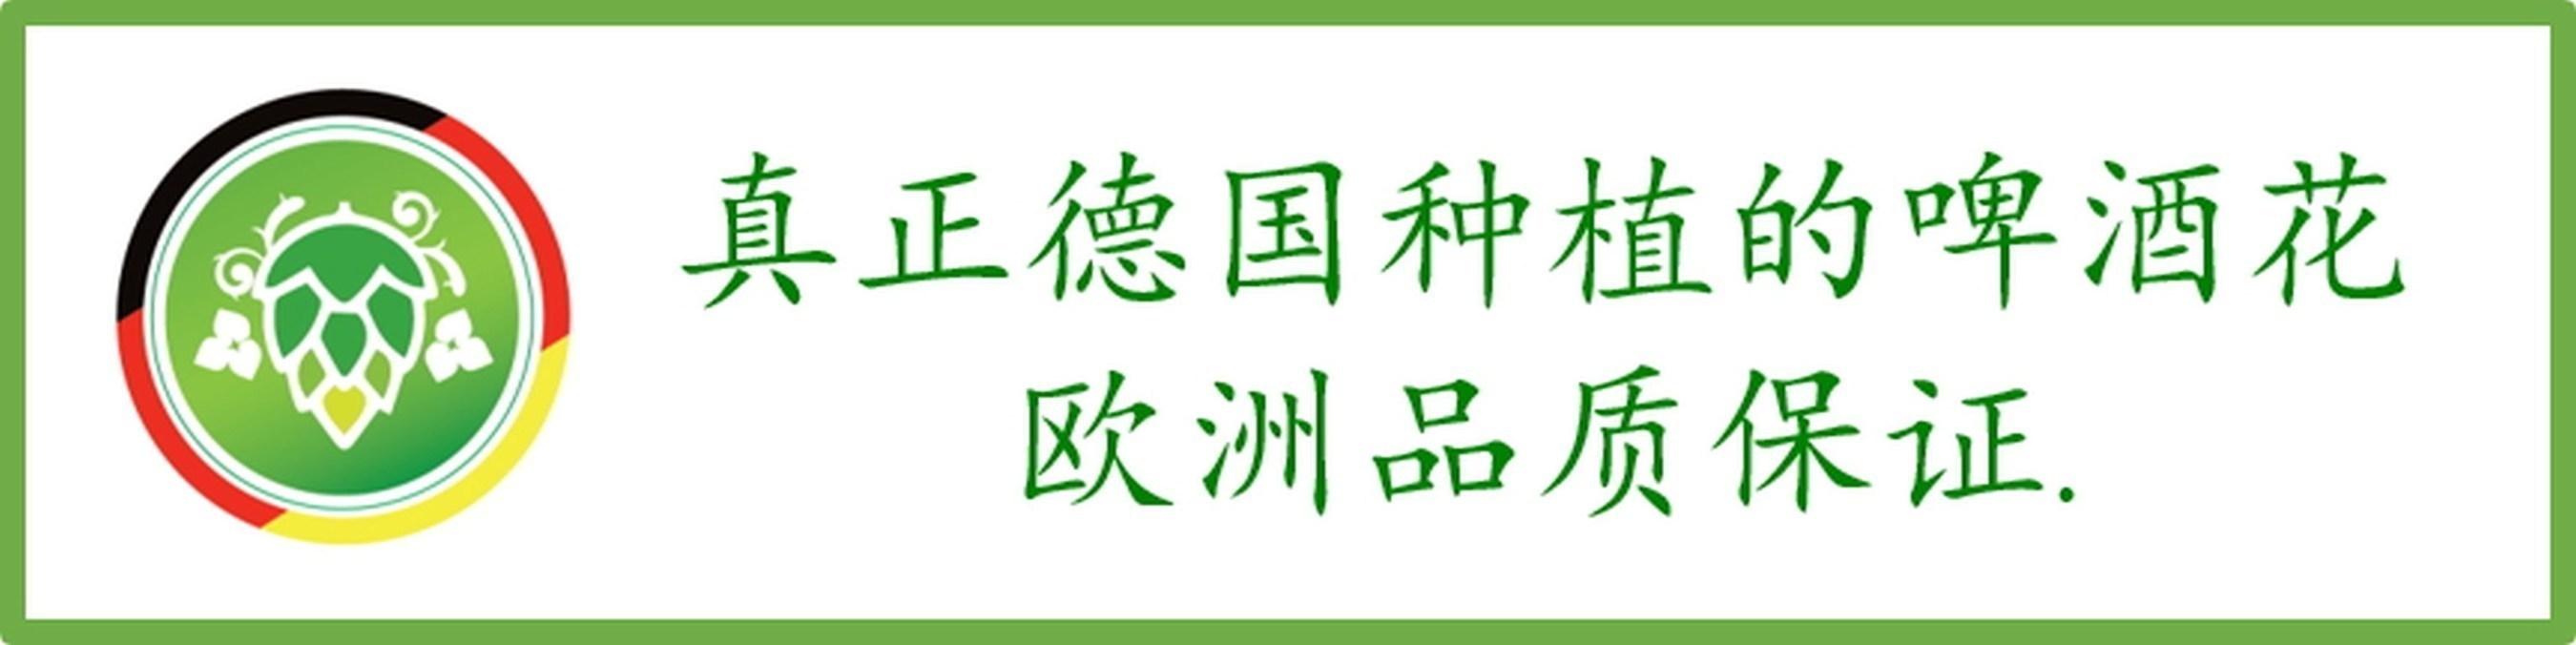 Logo Hopfenverwertungsgenossenschaft (PRNewsFoto/HVG)